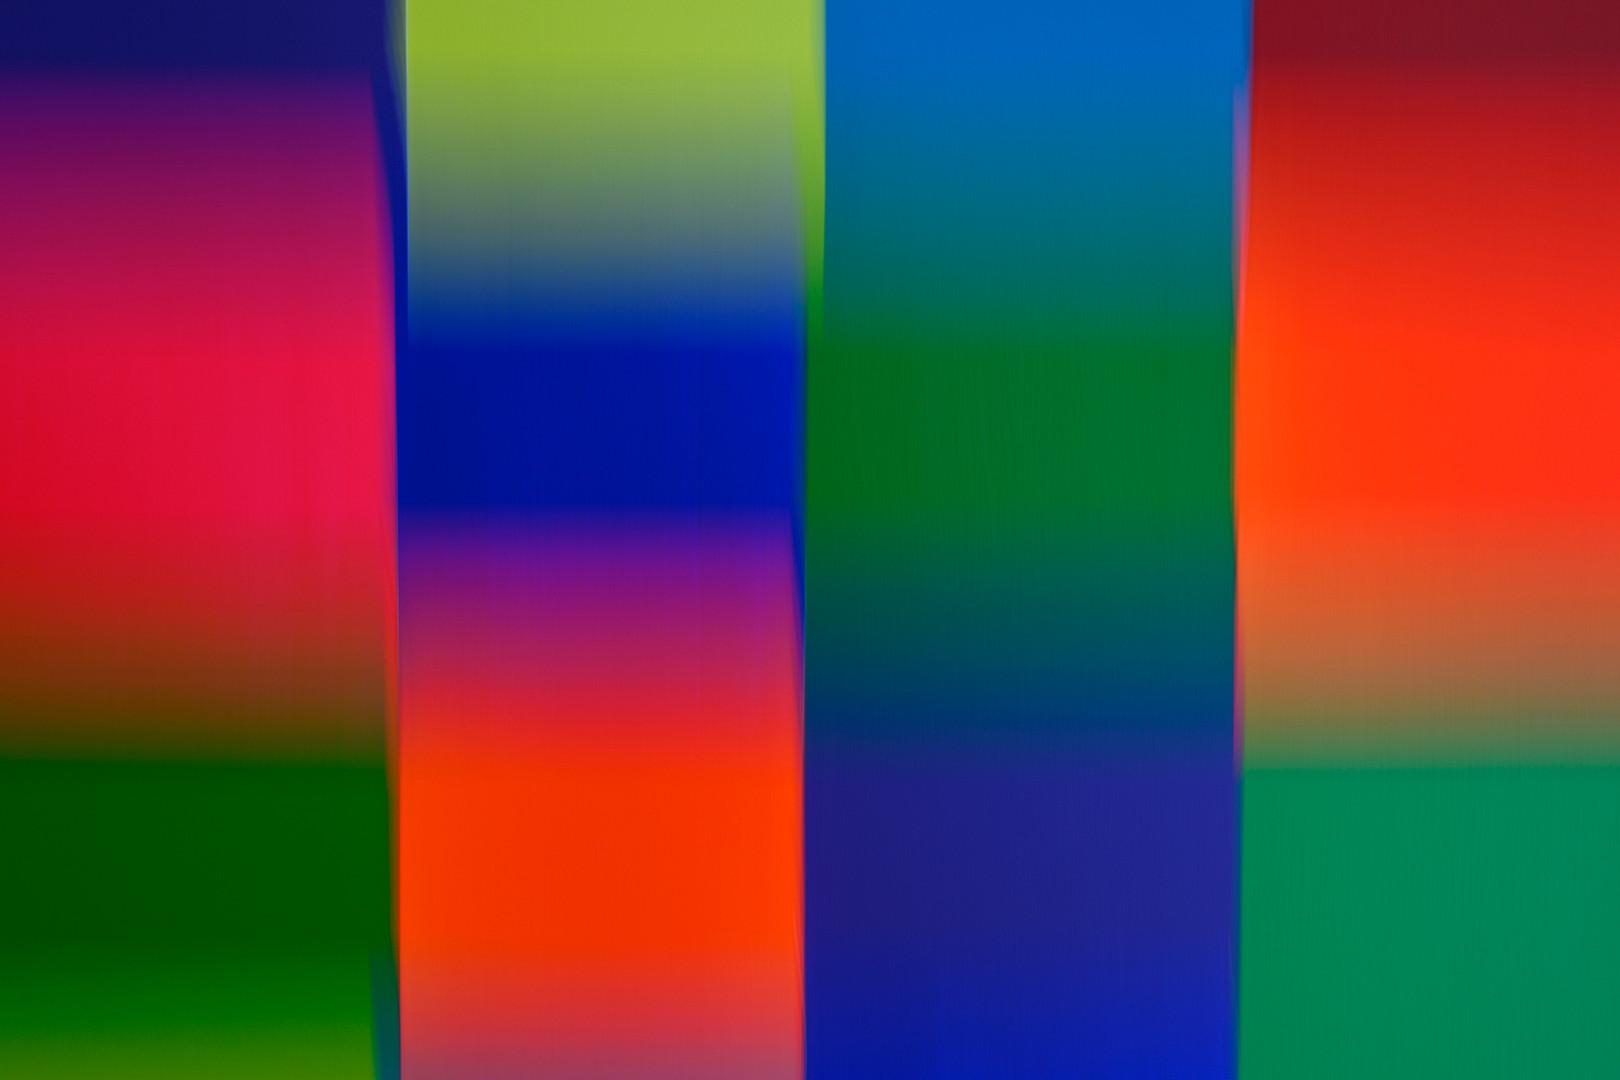 Matrix 07.04_DSC6317-Sept2020.JPG